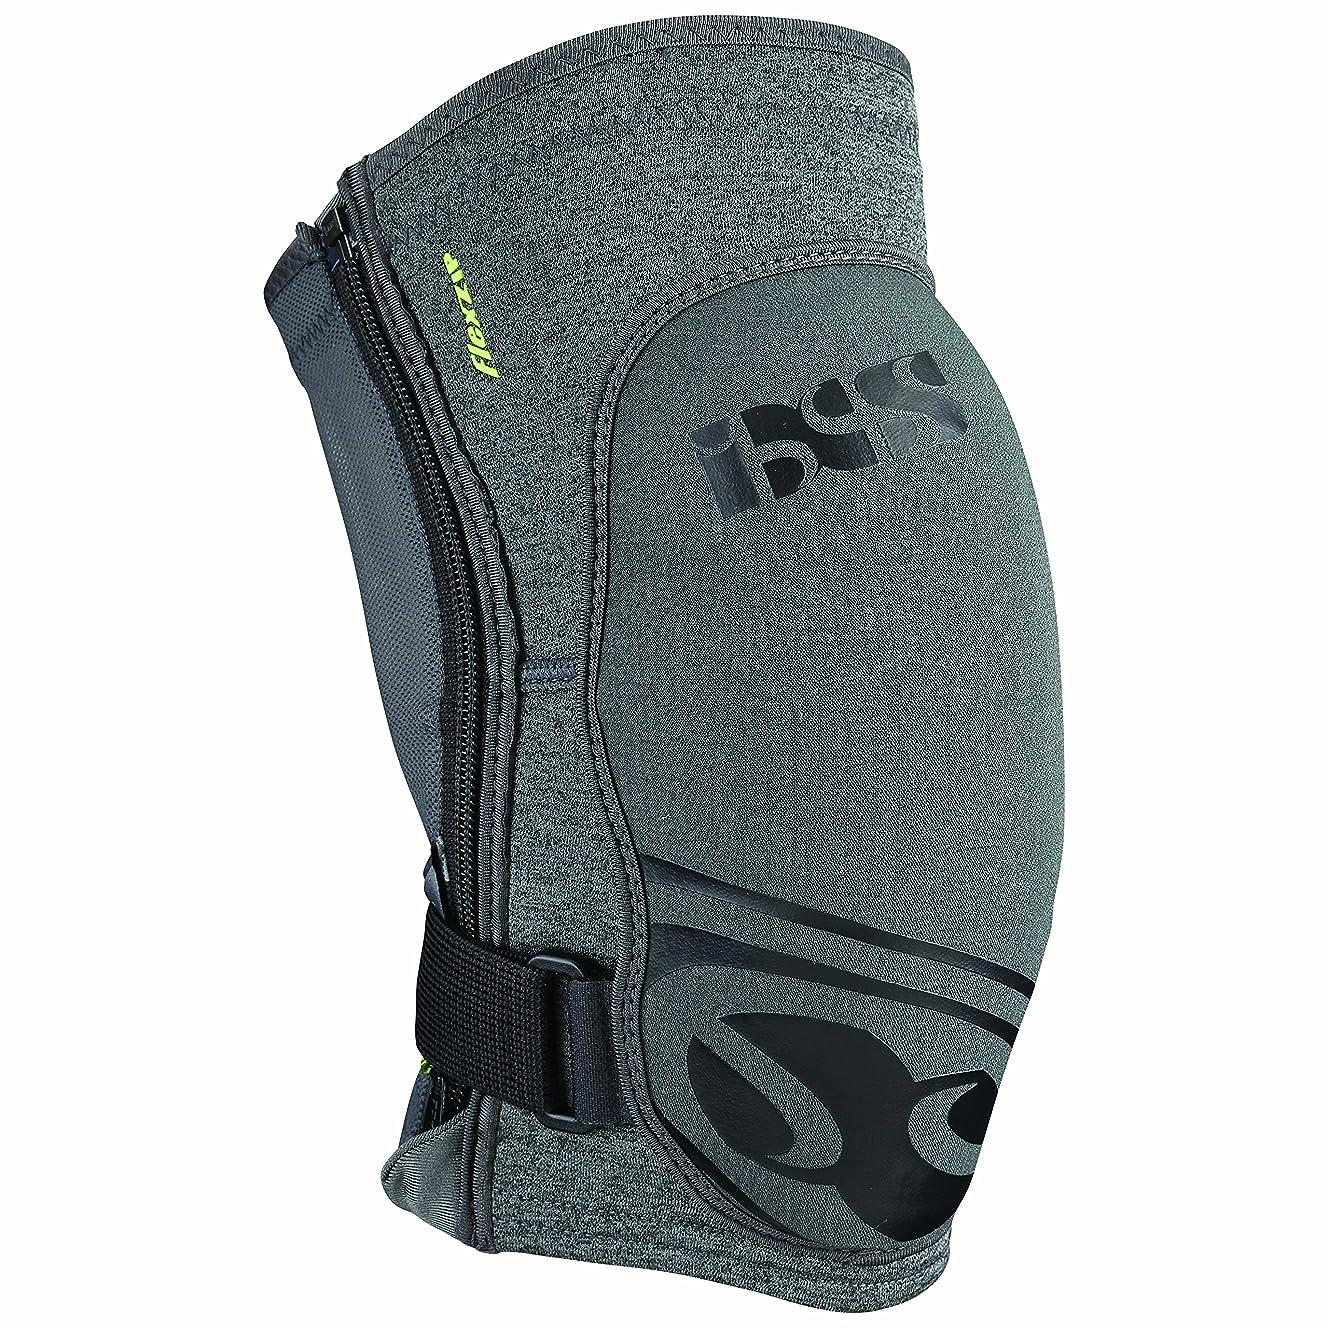 IXS Flow Zip Knee Guard